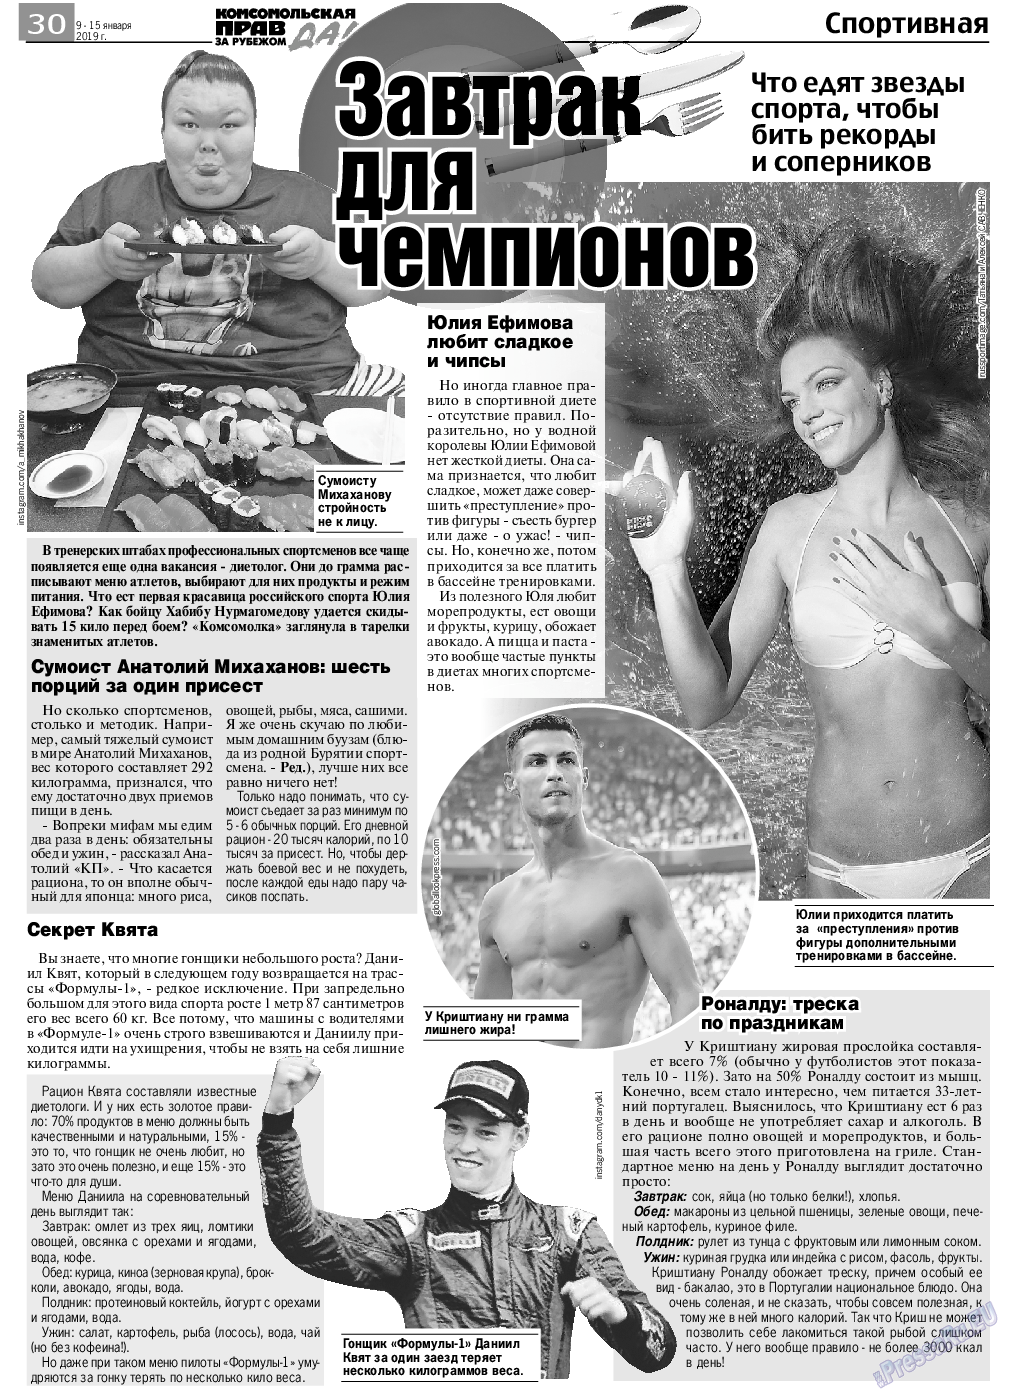 КП в Европе (газета). 2019 год, номер 2, стр. 30